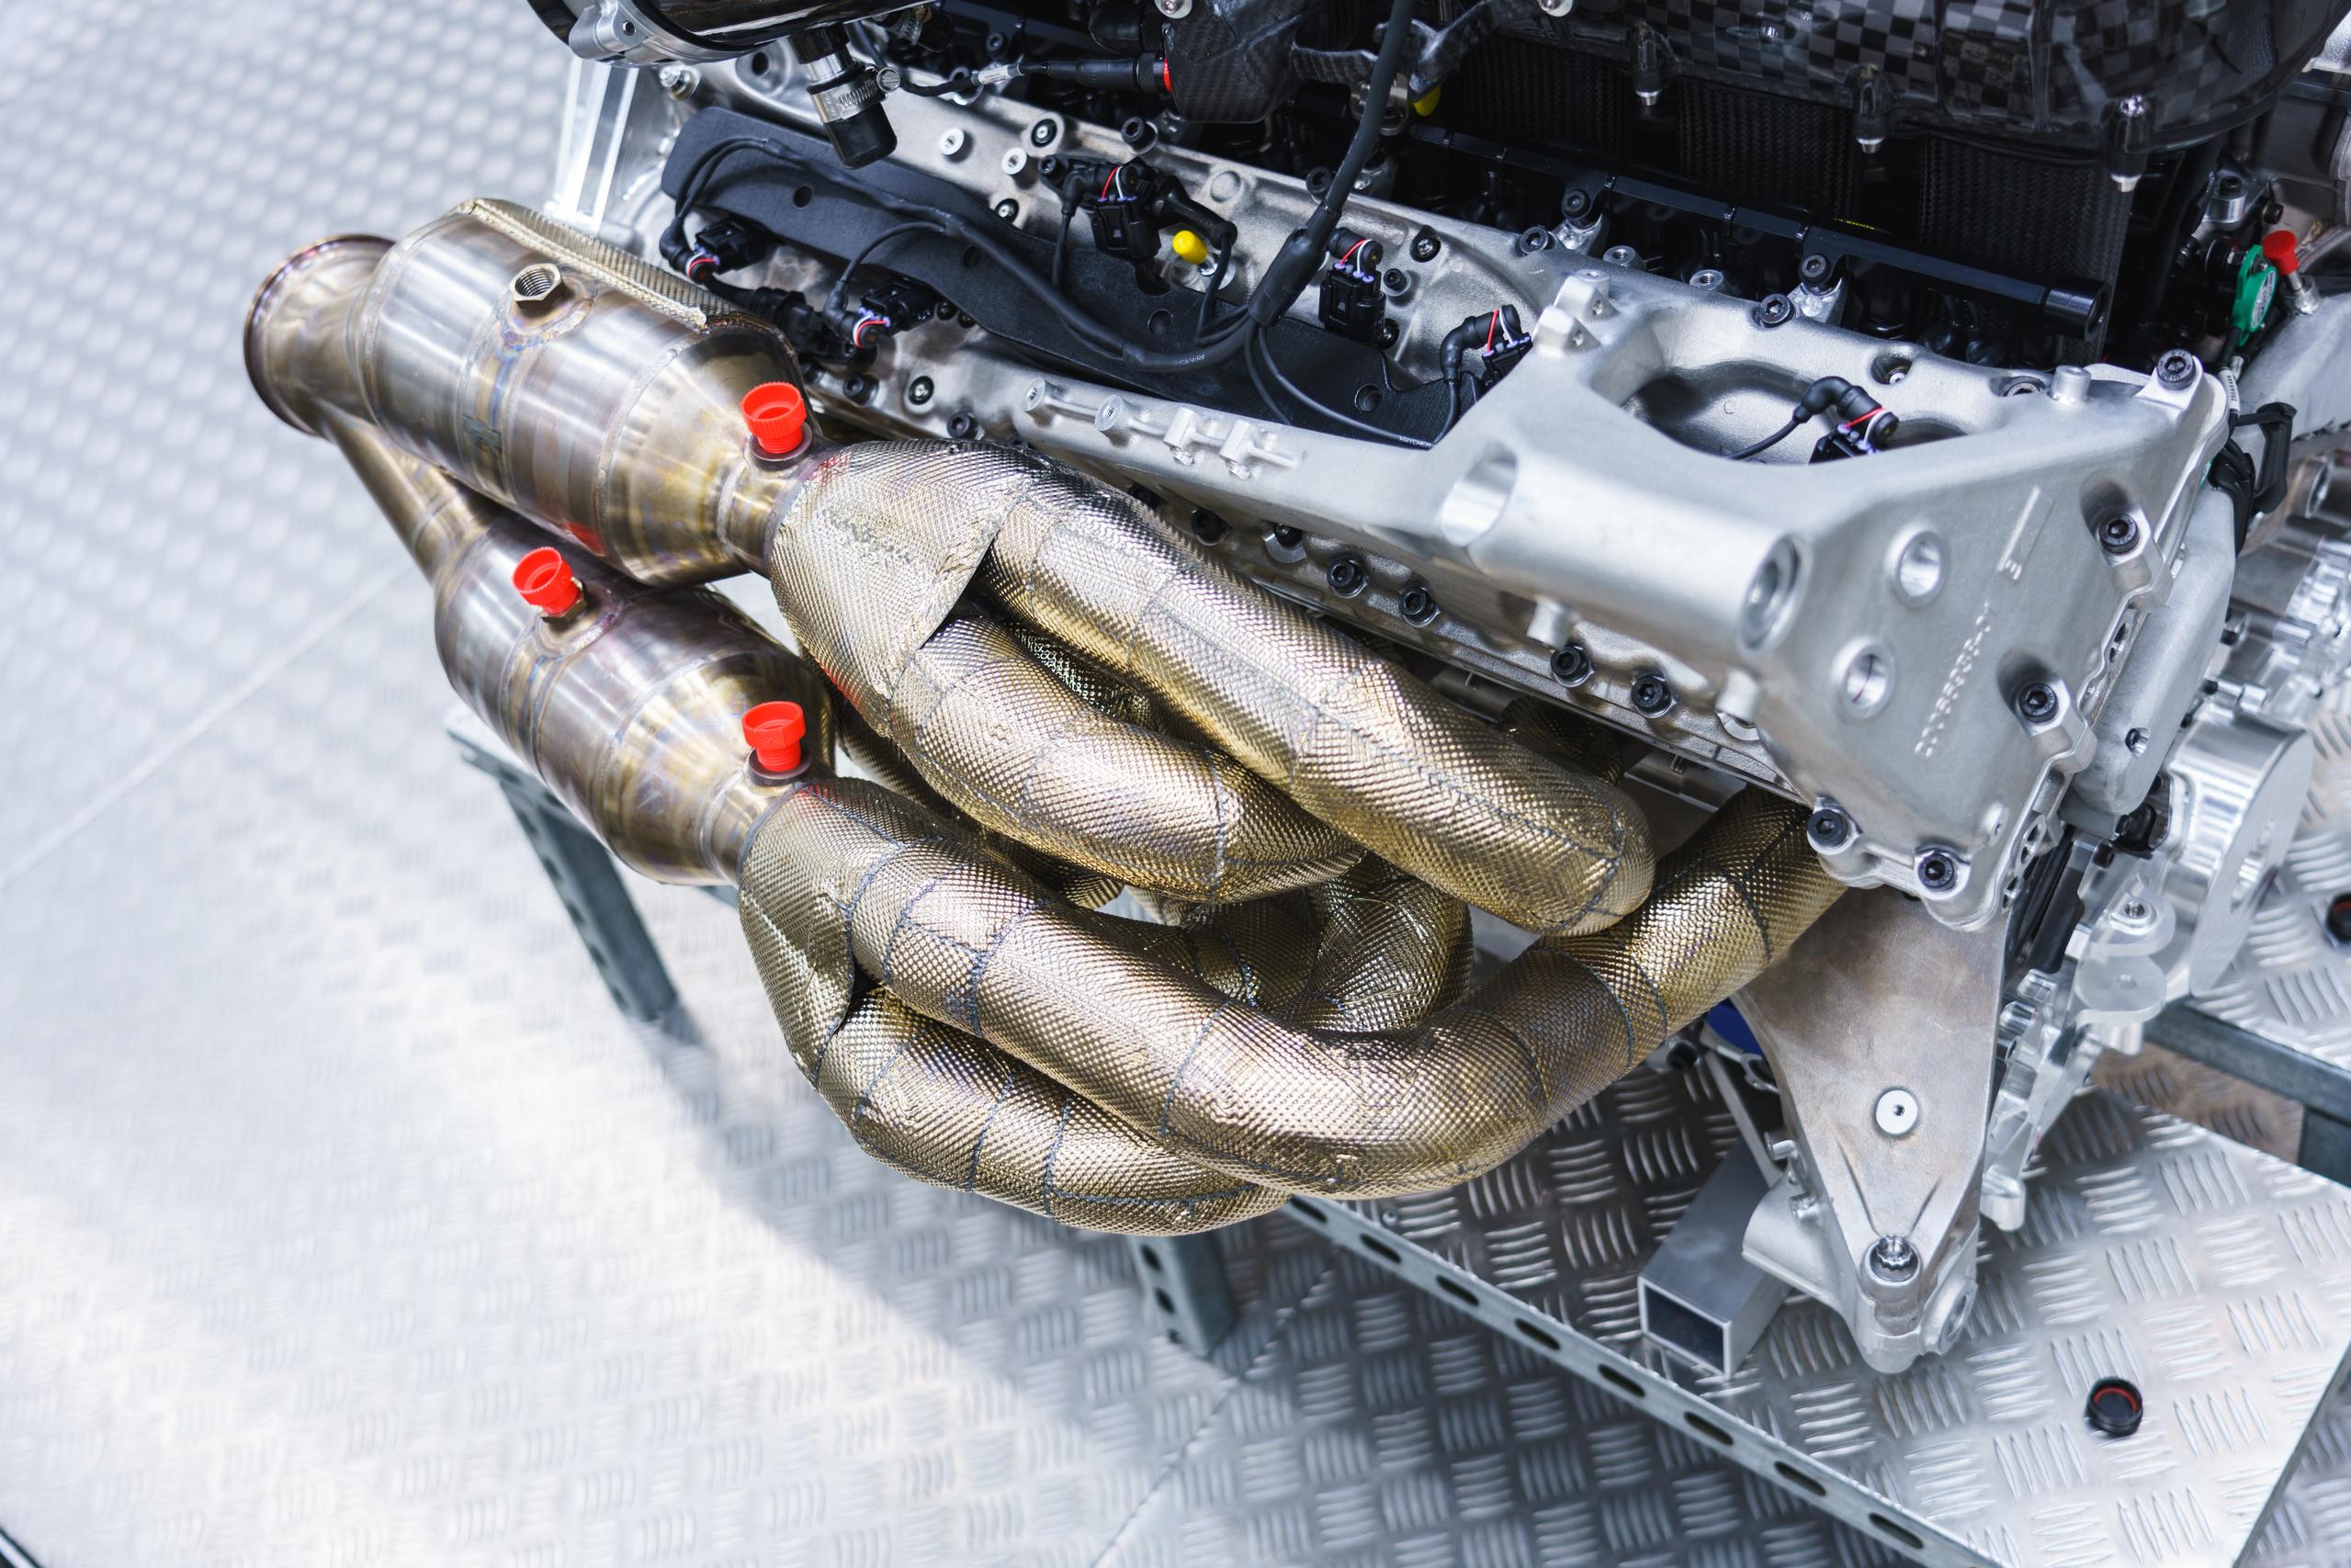 Cosworth построил 250-сильный трехцилиндровый «атмосферник»